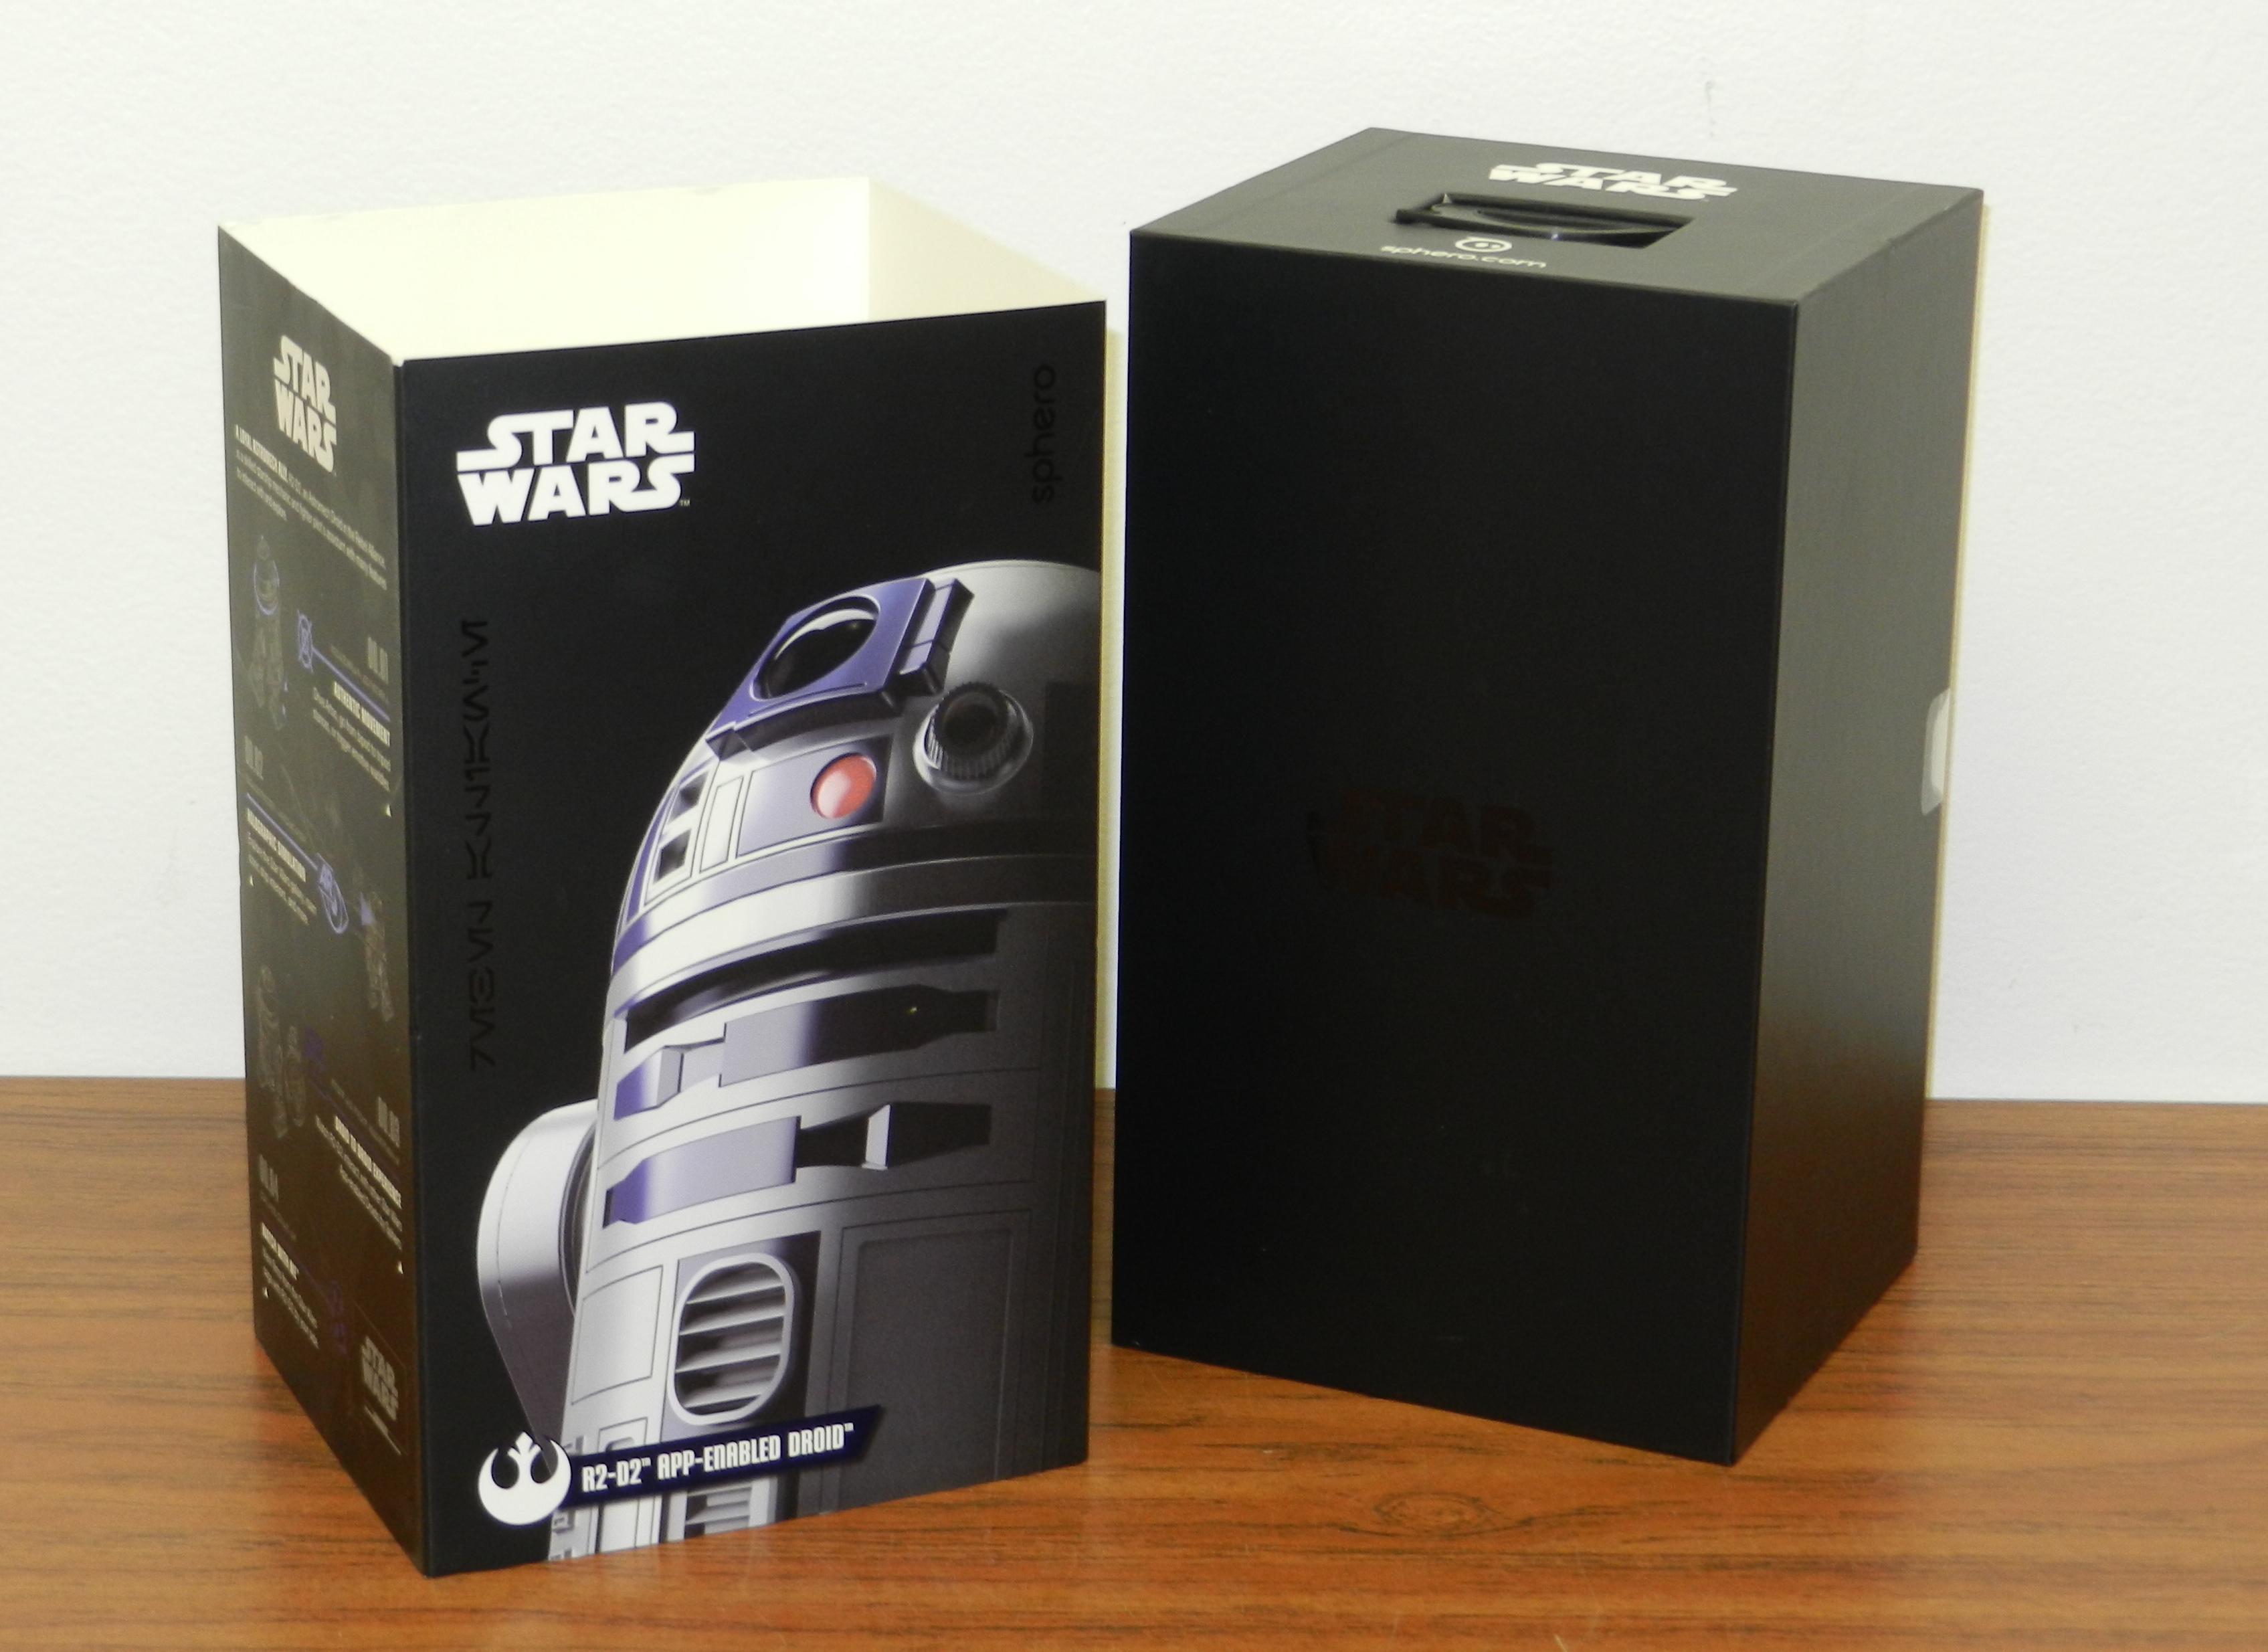 R2-D2 Droid App Enabled SPHERO STAR WARS R201-ROW-20170824